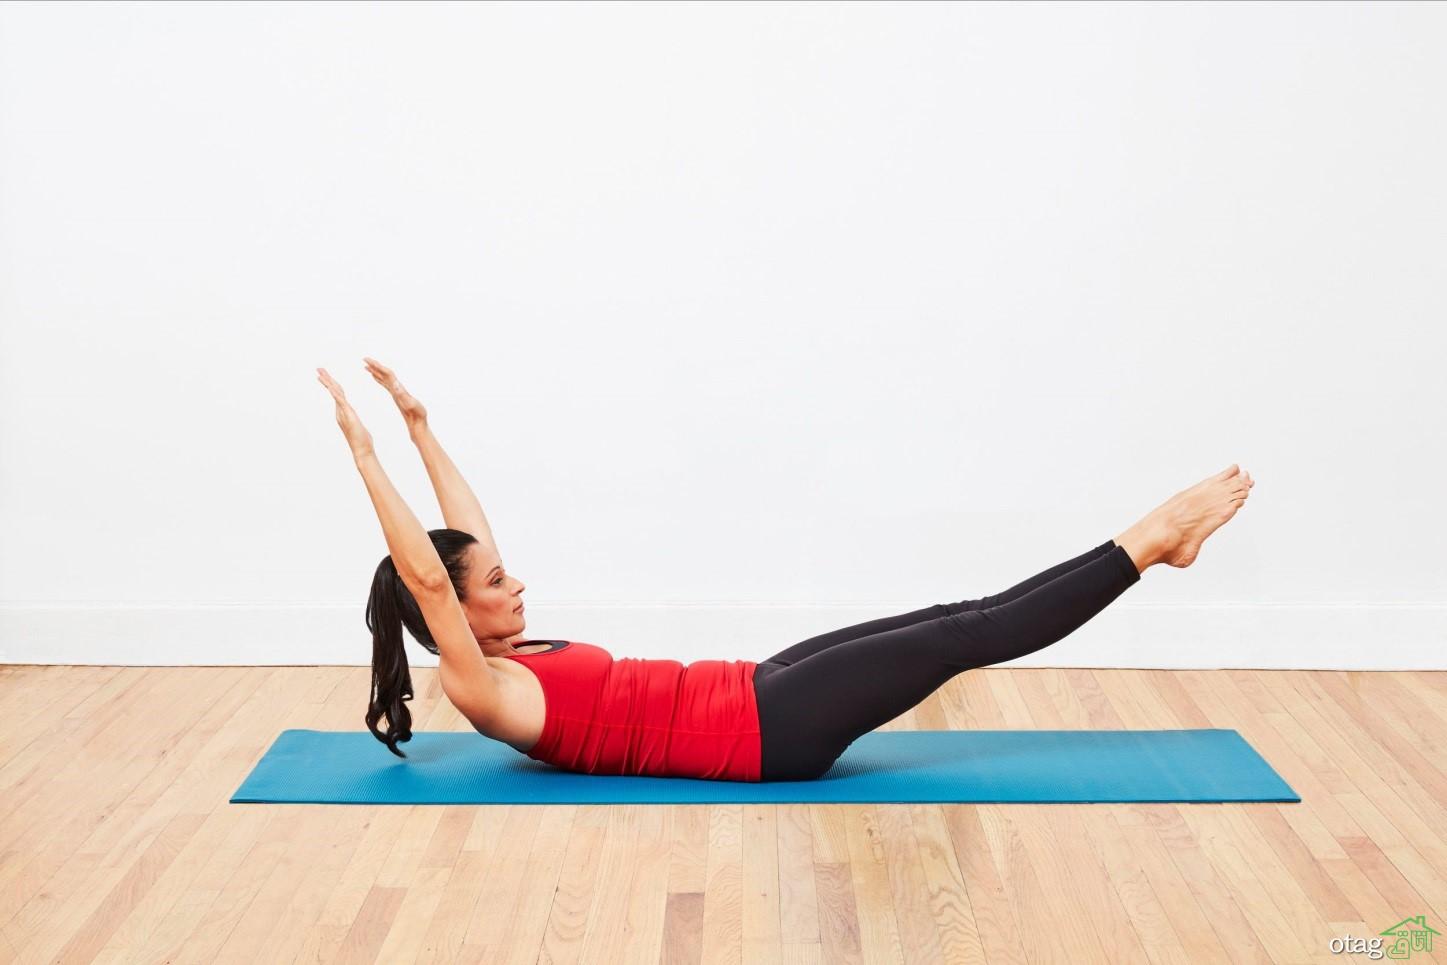 حرکات مدرن ورزش پیلاتس در خانه (در سال 2020) تحول سریع بدن